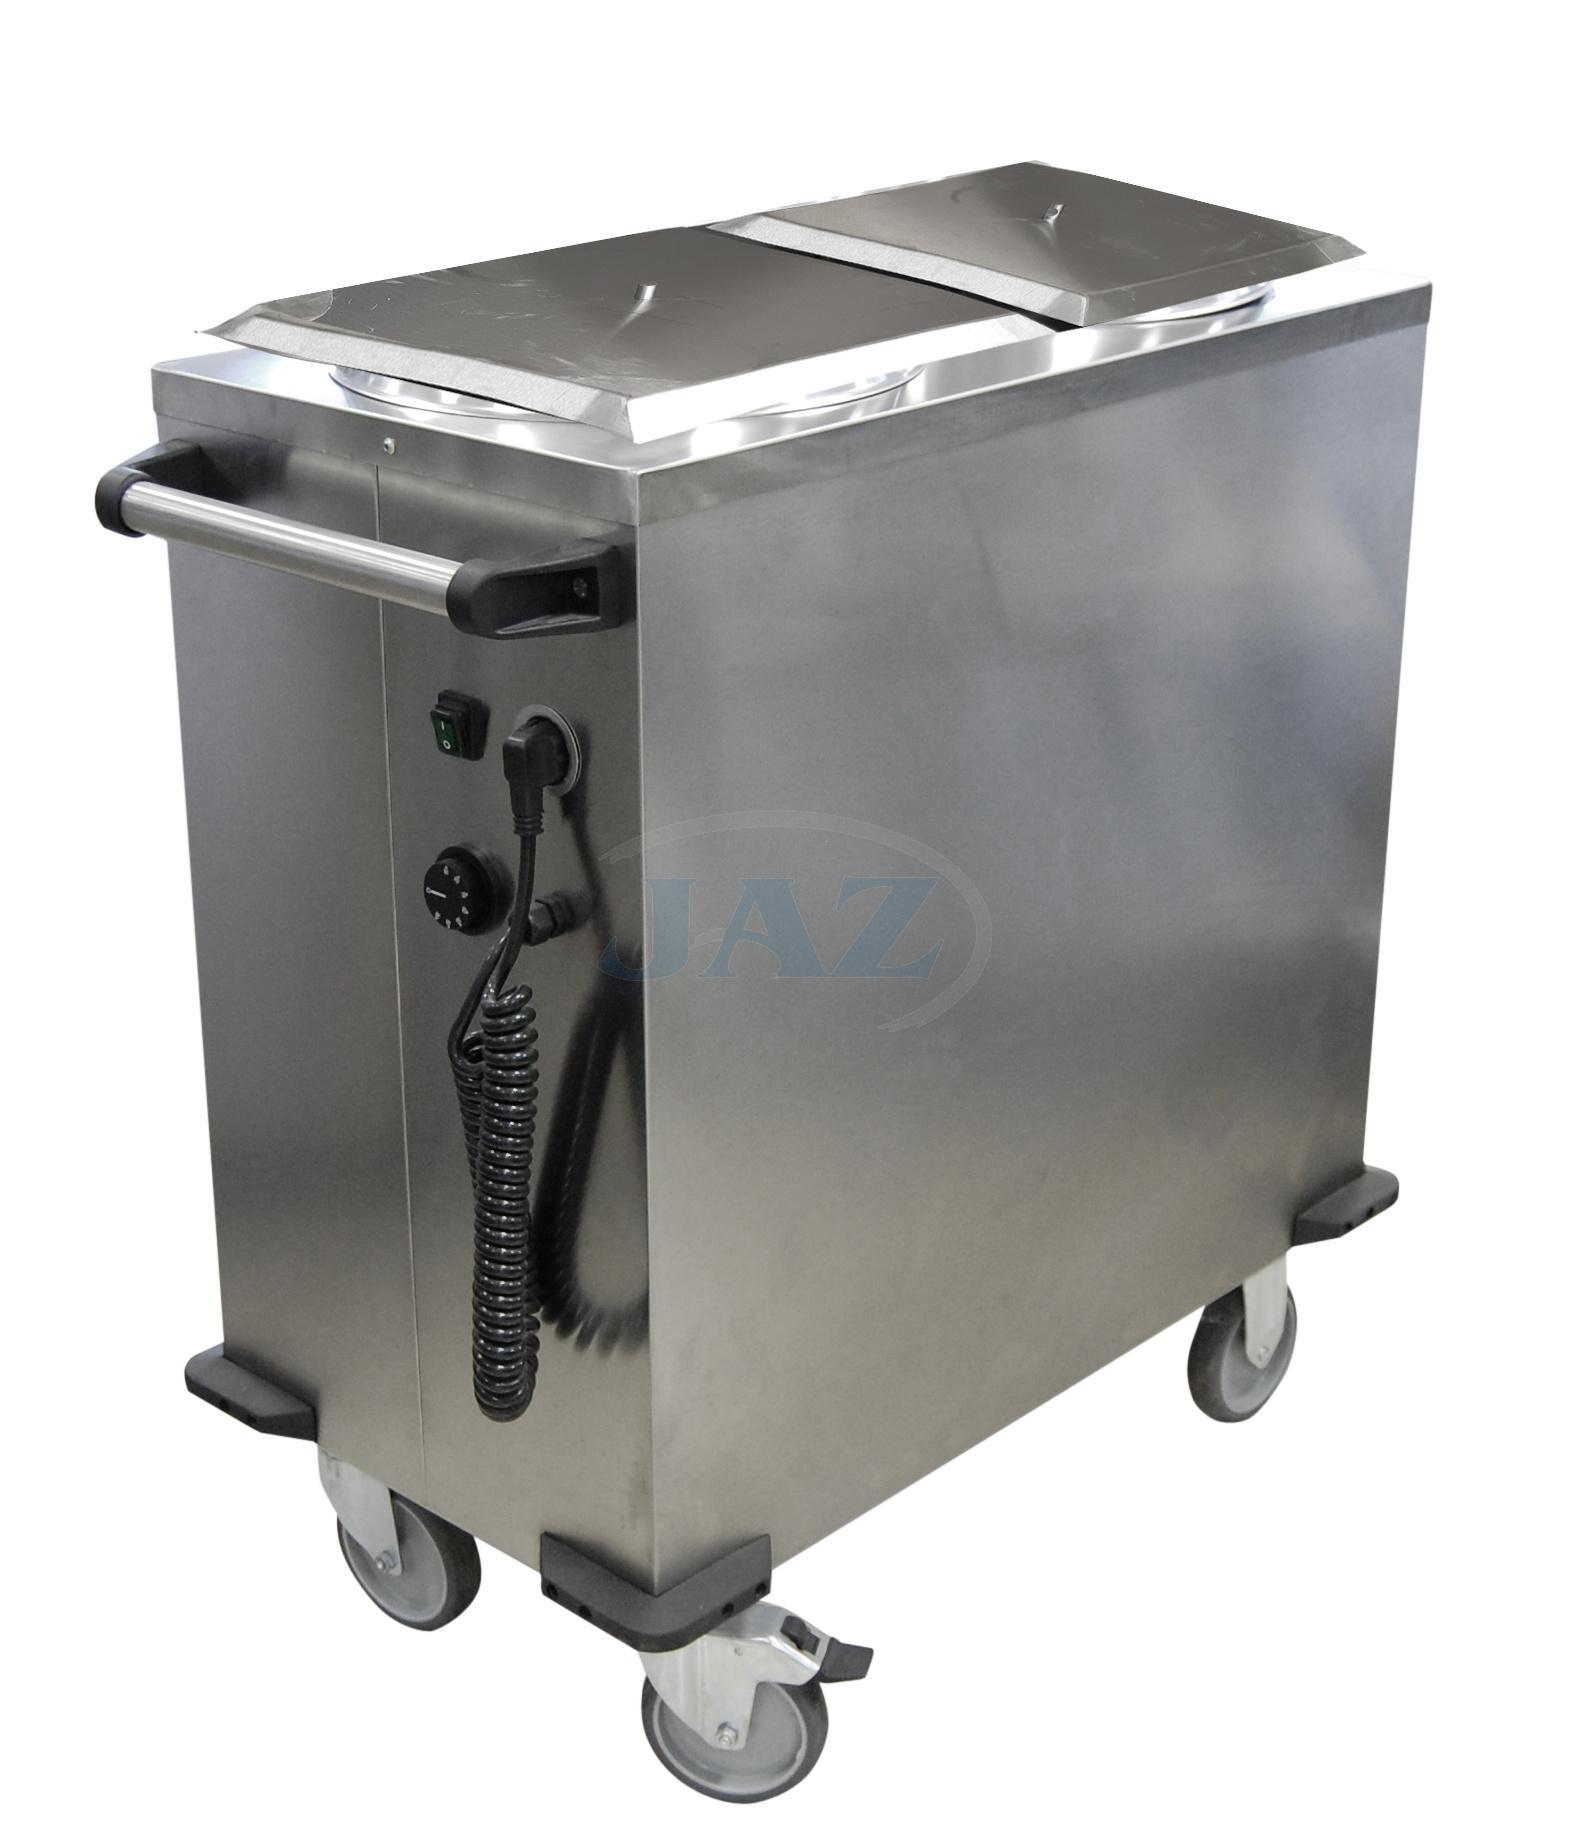 Ohrievač tanierov pojazdný, 100 tanierov, POT-2